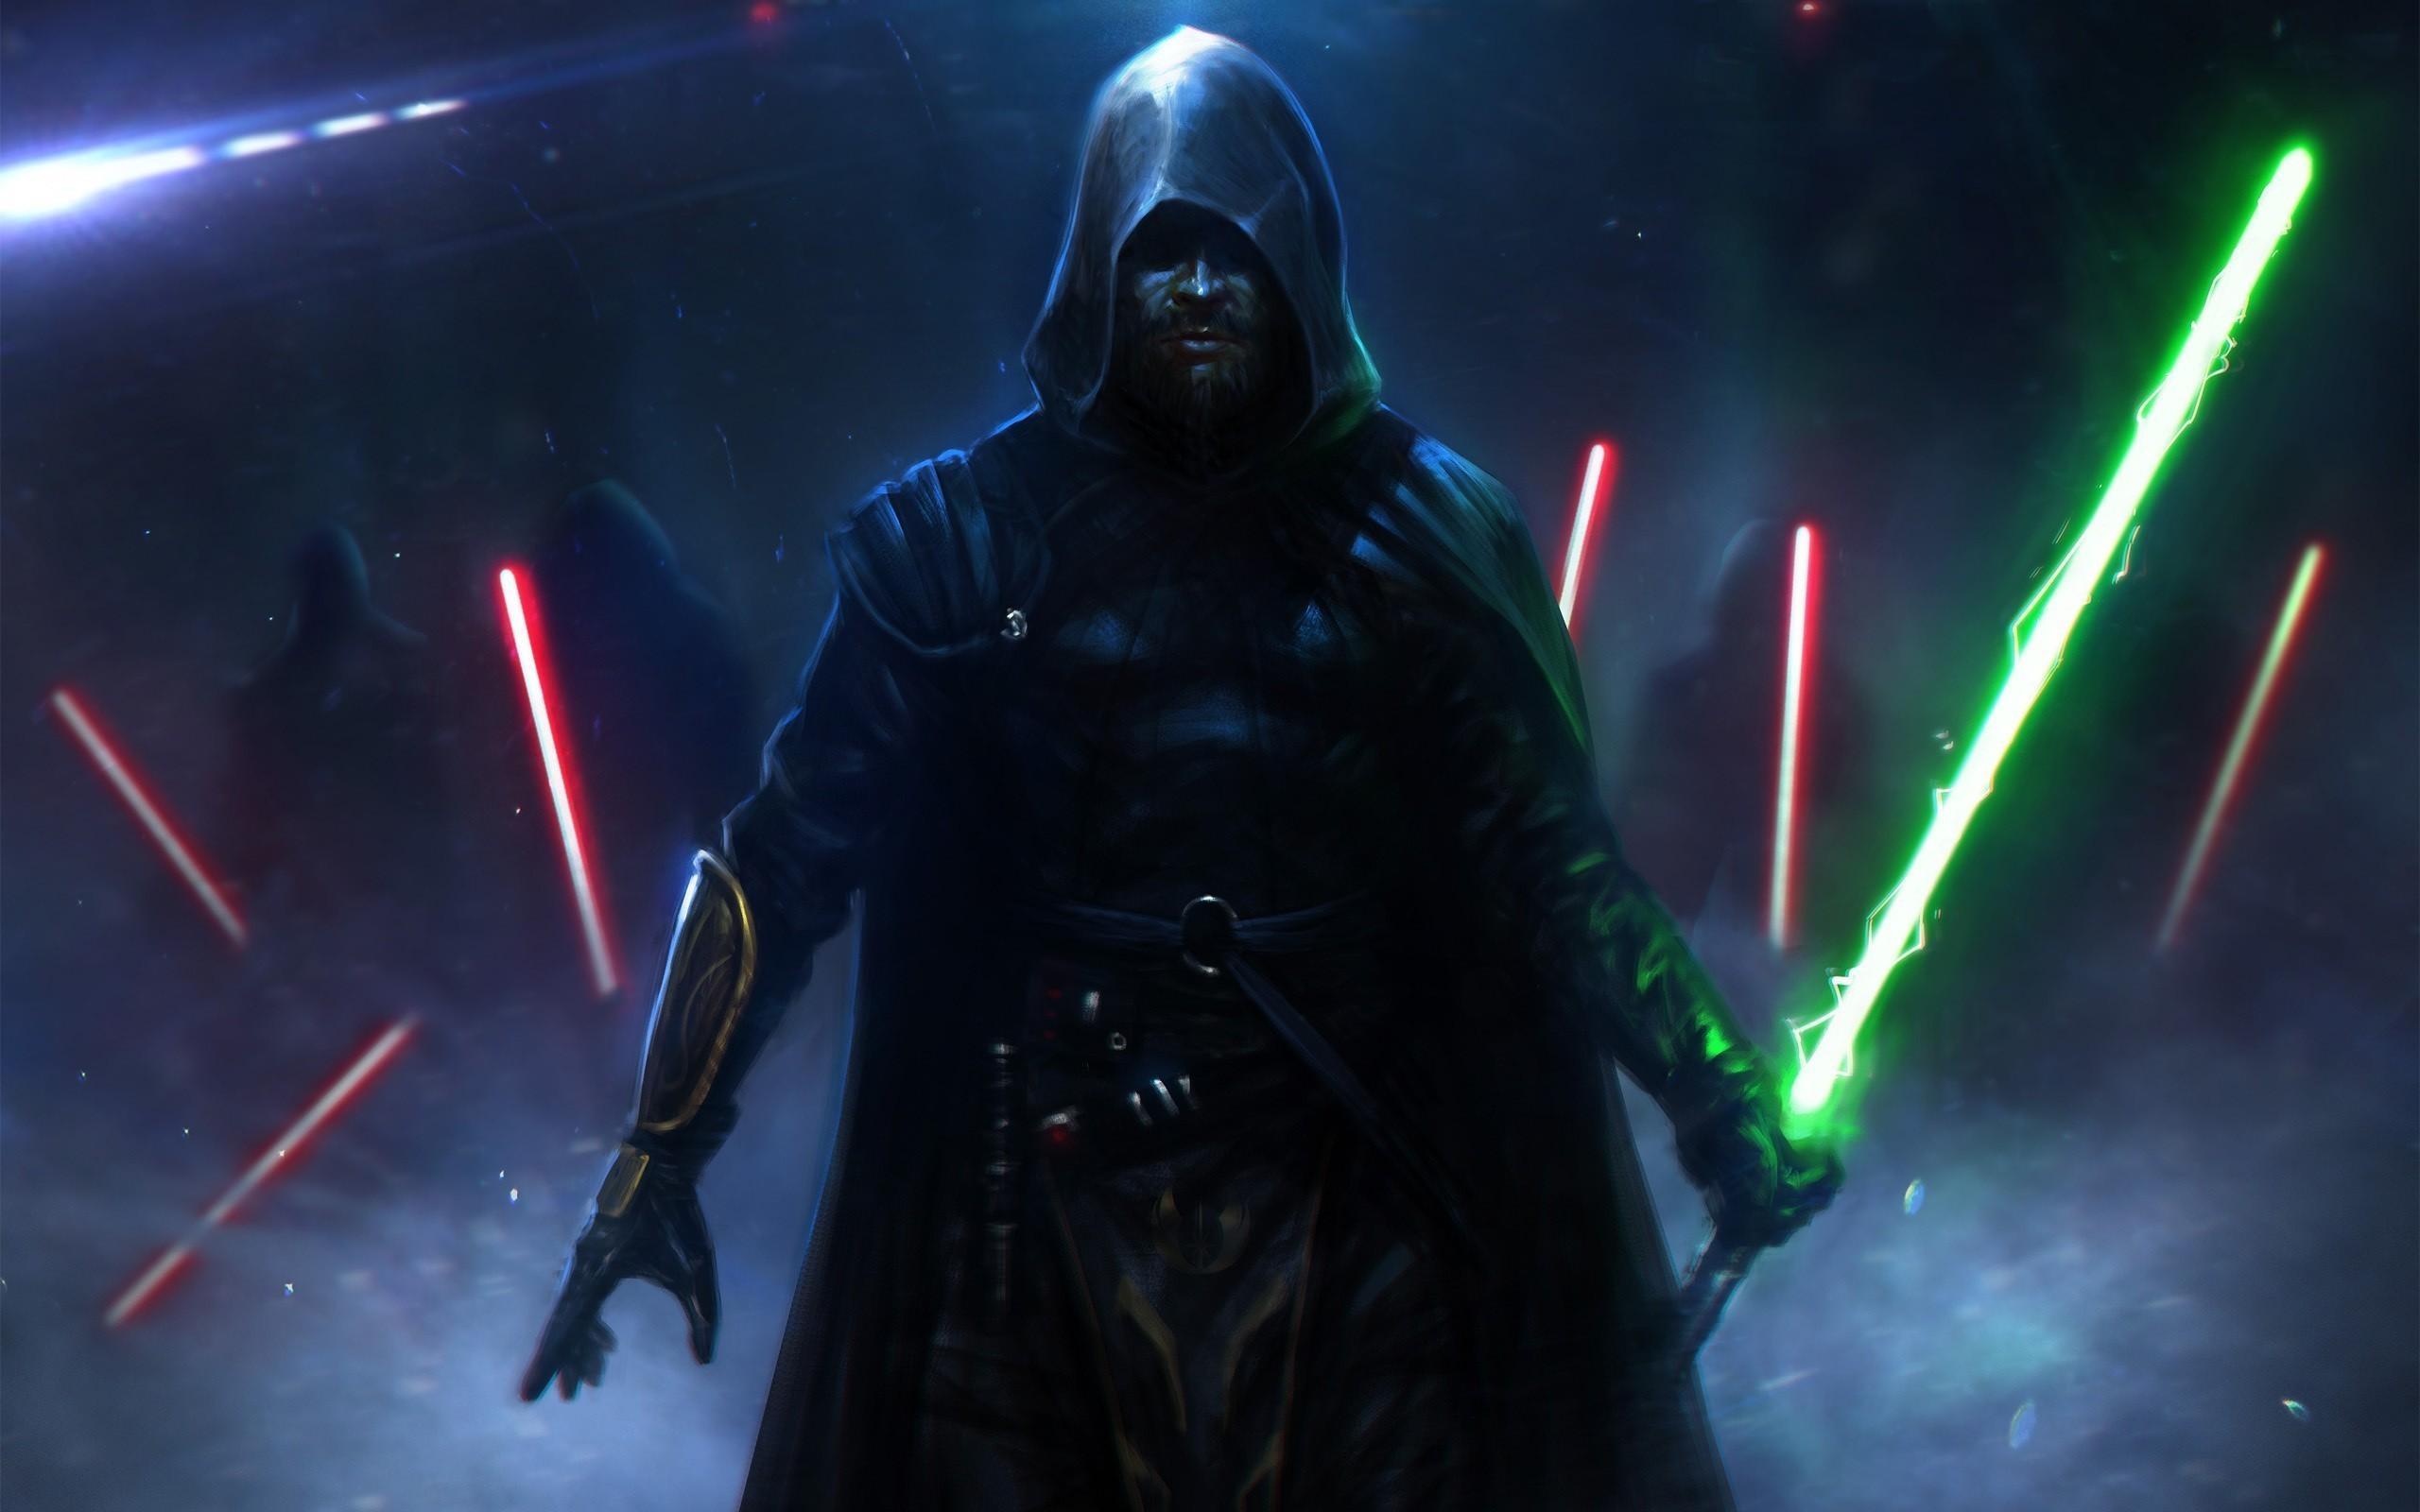 Jedi – Star Wars wallpaper #14576